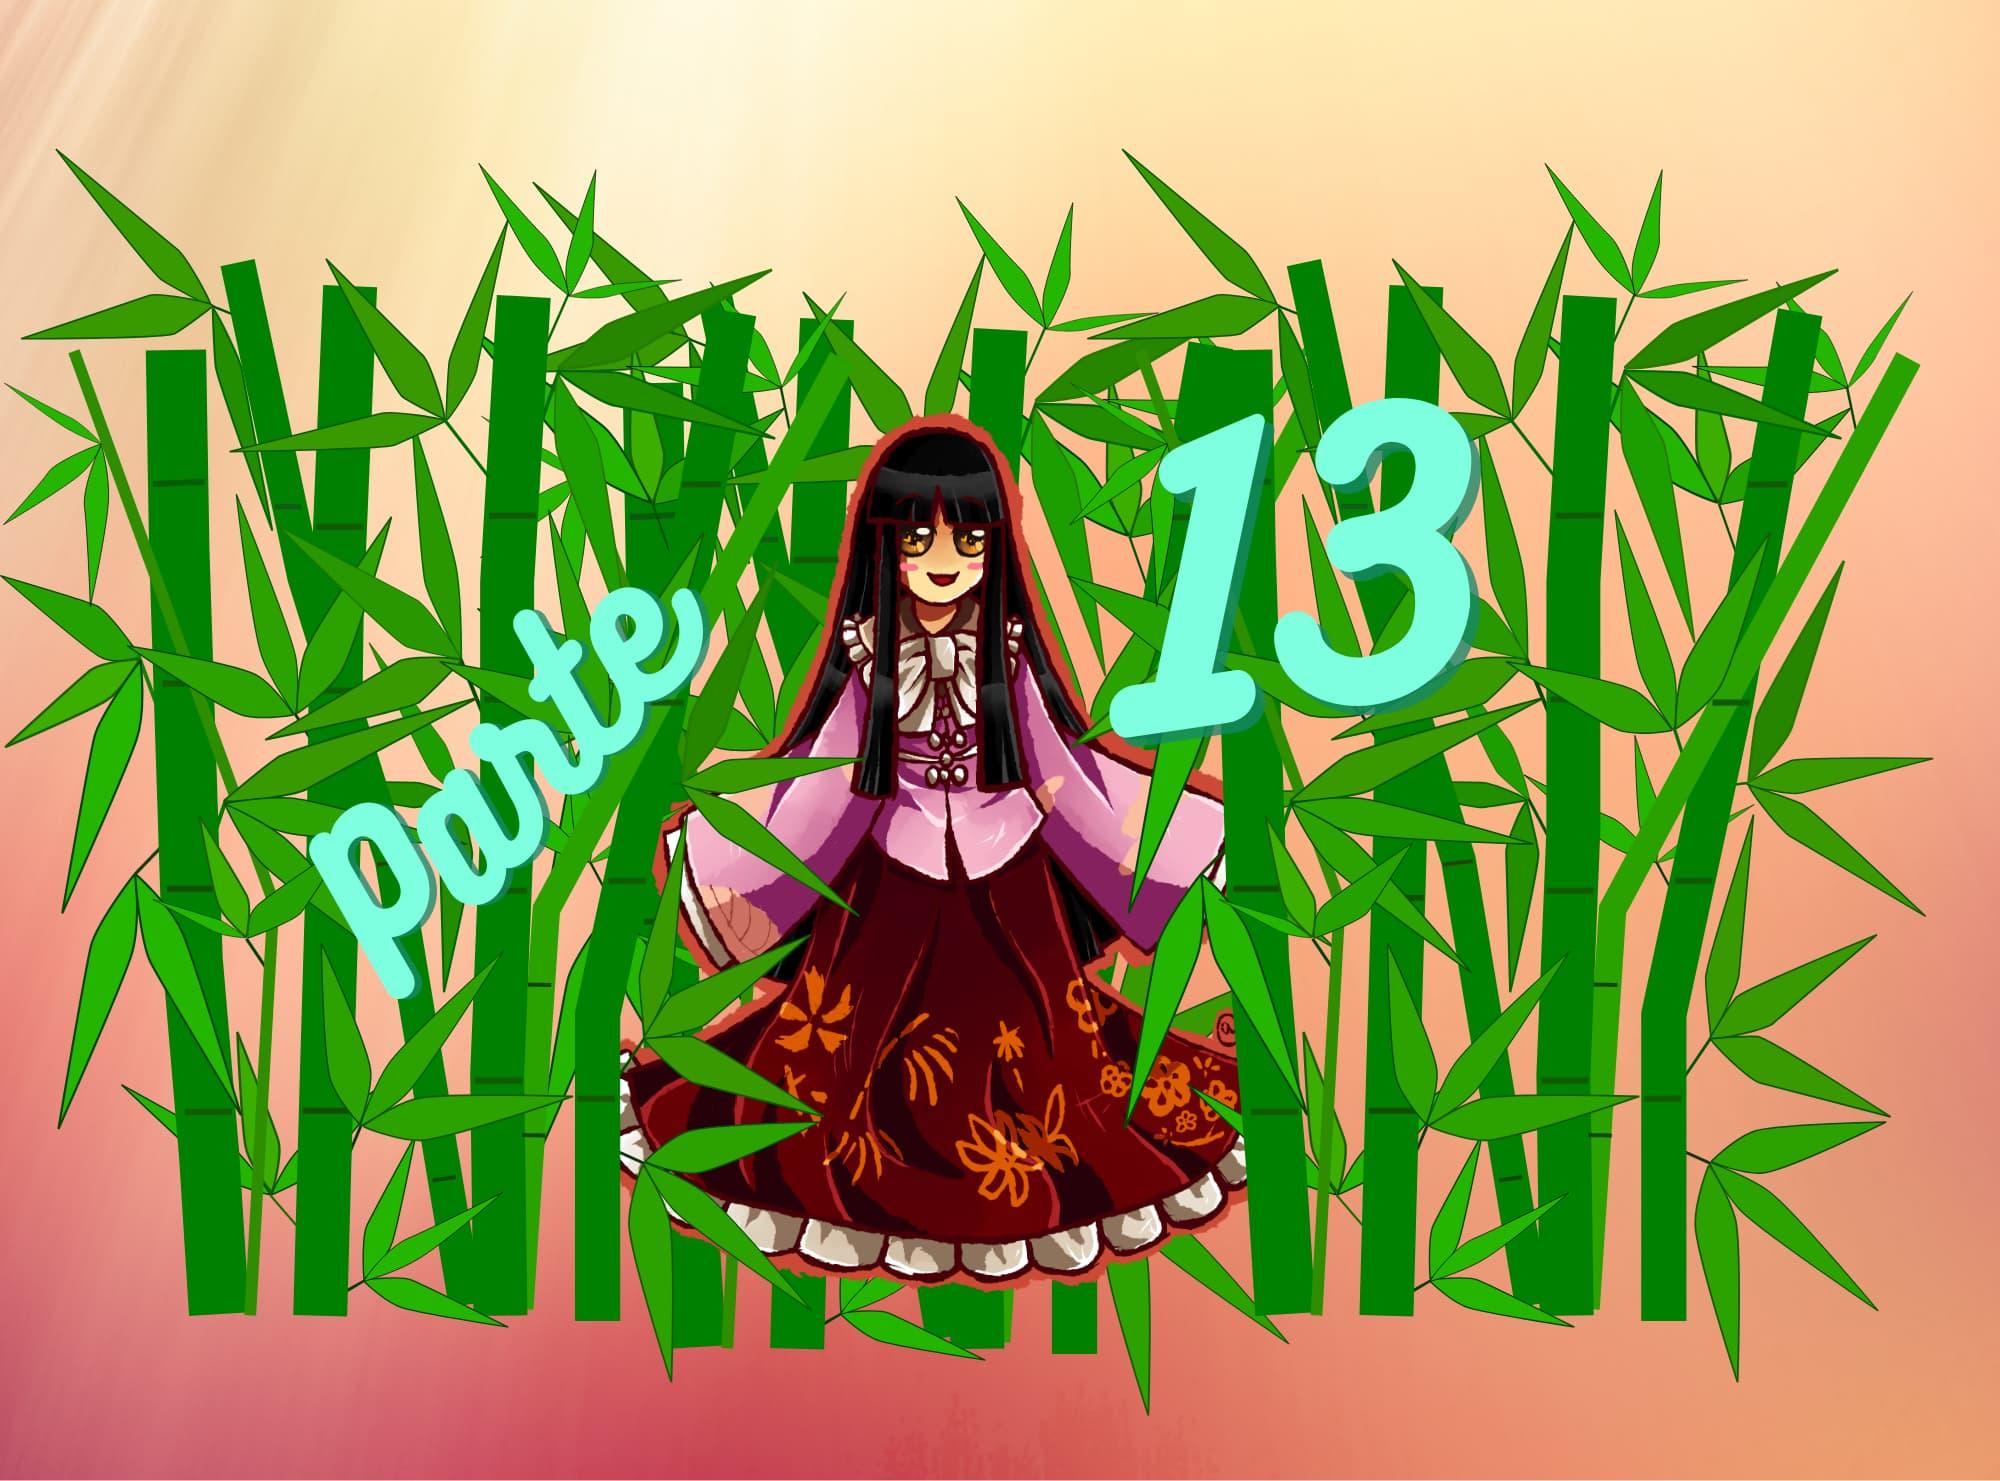 Práctica de lectura N5 de Hiragana: Princesa Kaguya parte 13 (Protegiendo a la Princesa)